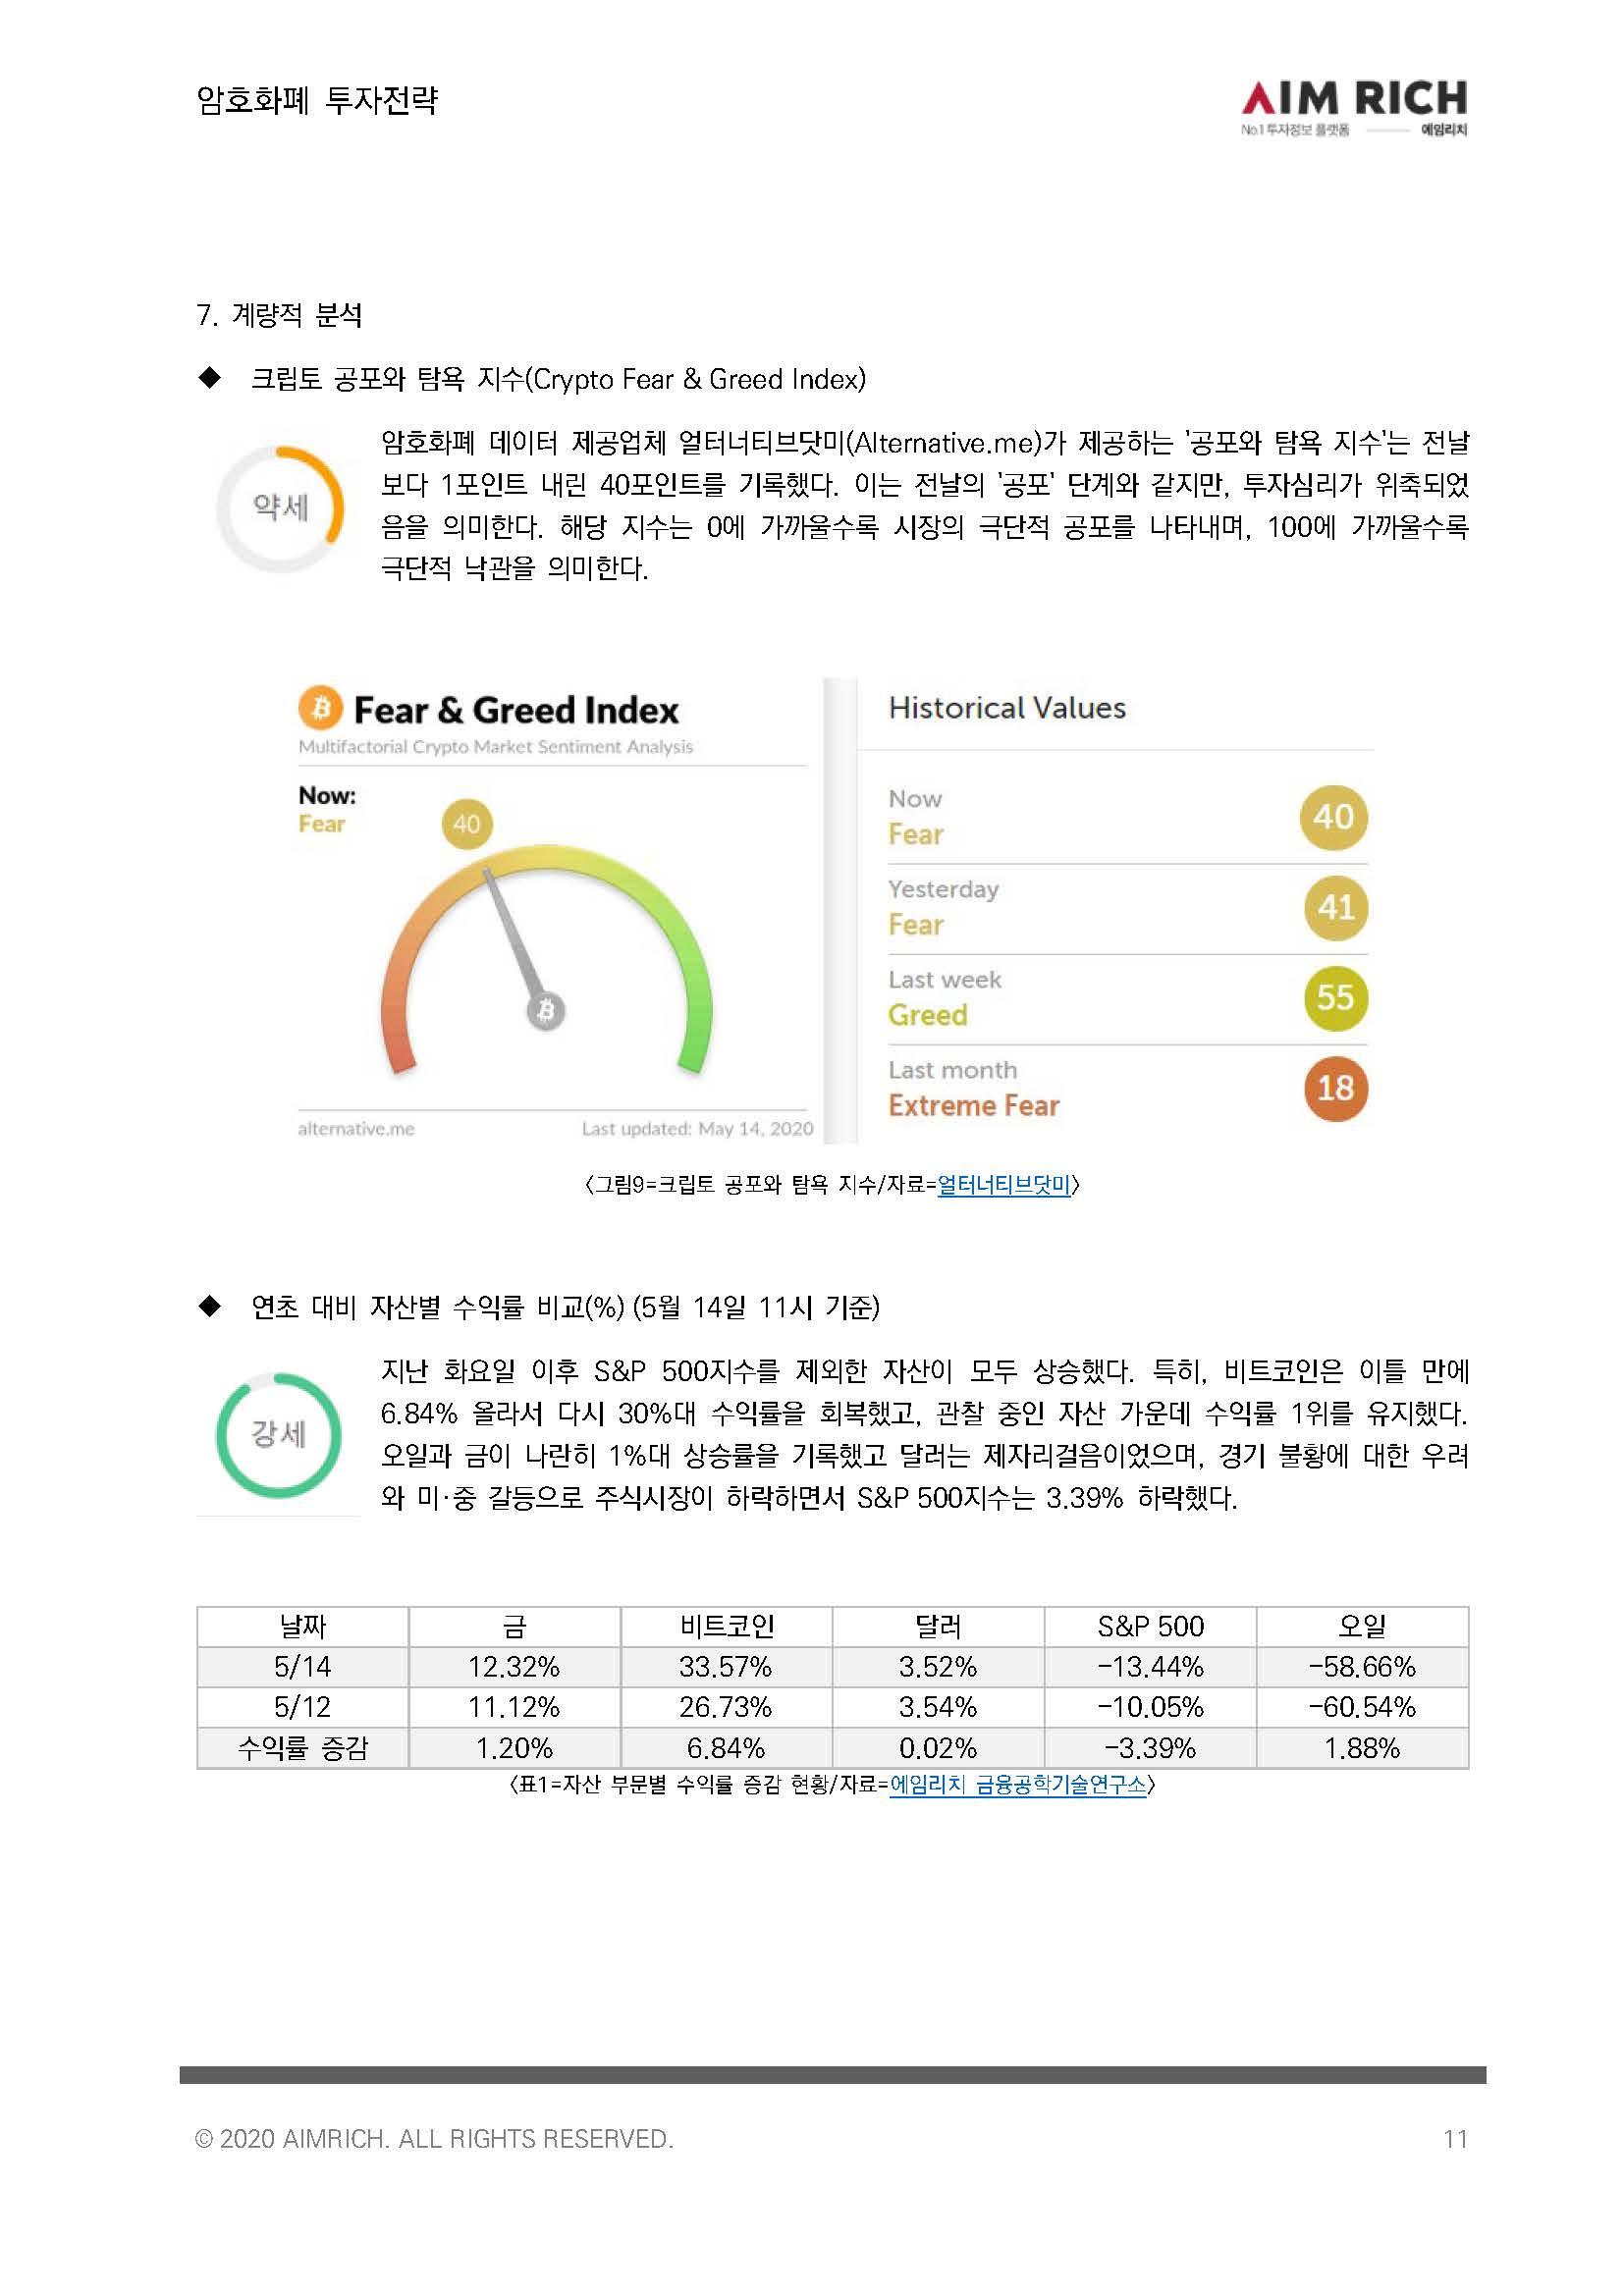 [투자전략]비트코인, 주요 자산 중 연초대비 수익률 1위로 '강세'_20200514_페이지_11.jpg